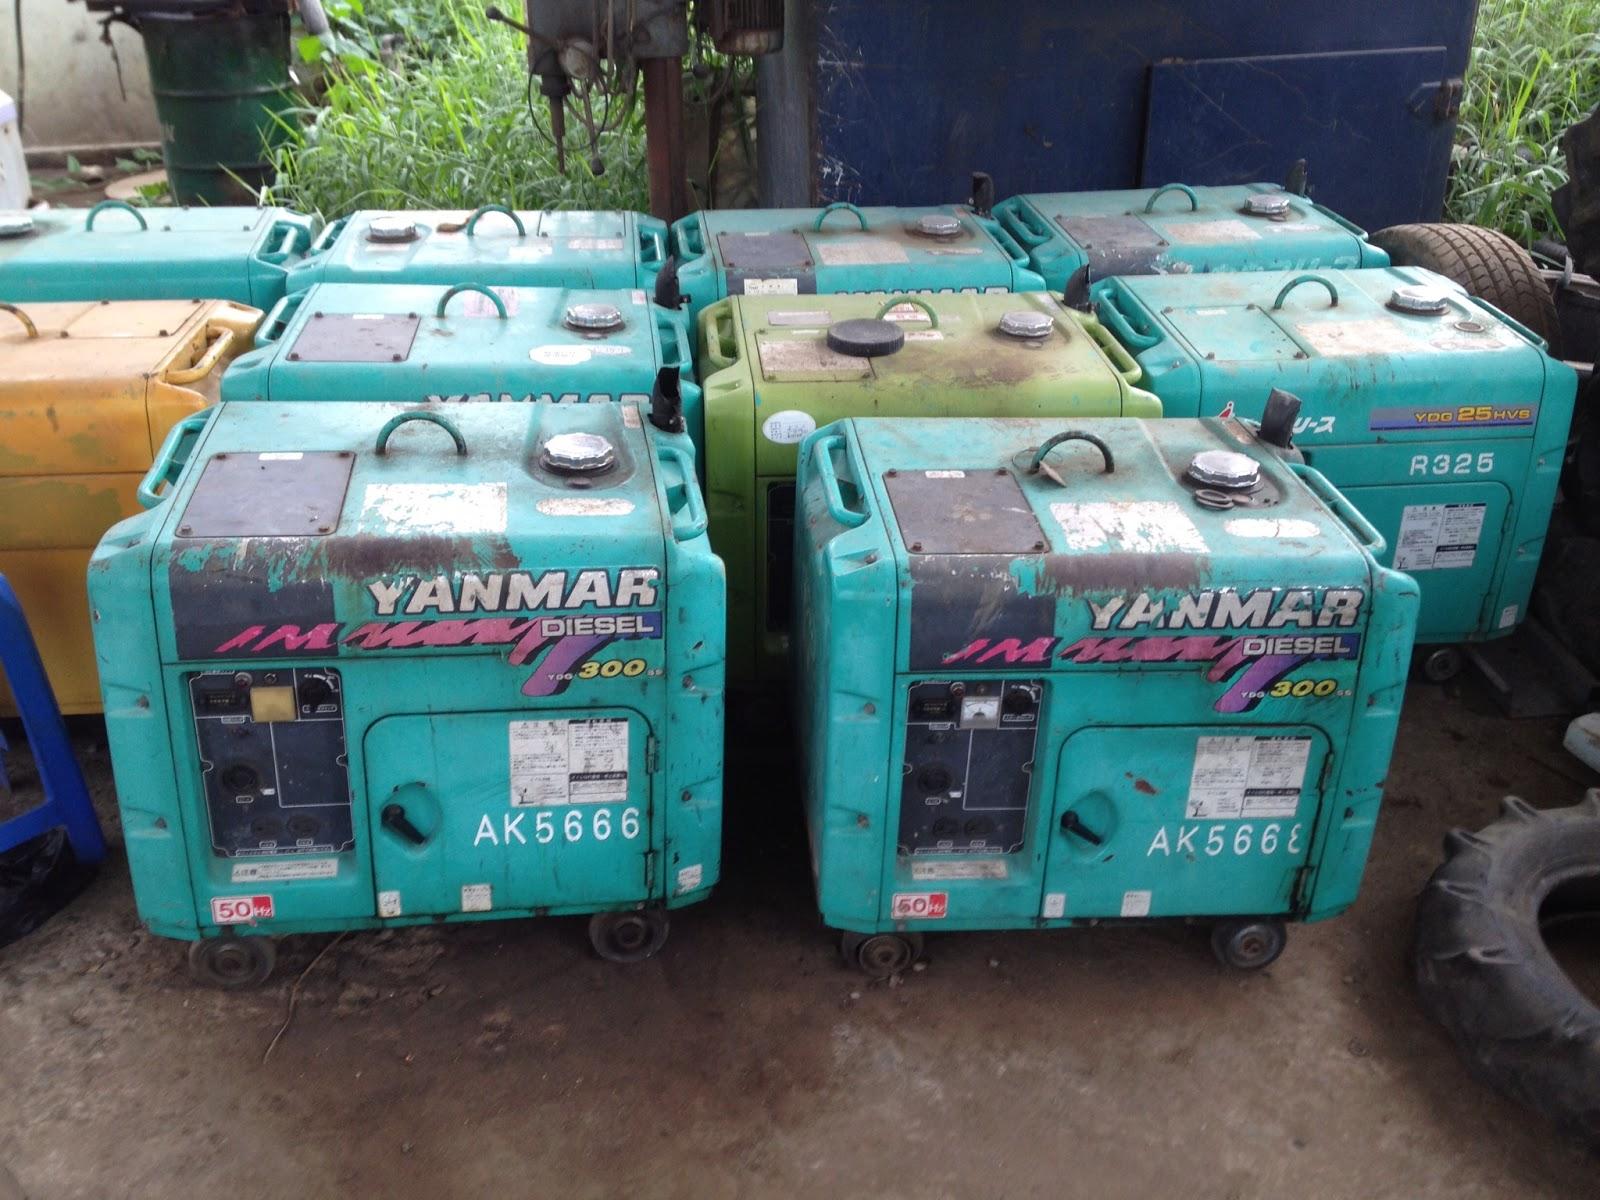 may-phat-dien-nhat-bai-yanmar-ydg200ss